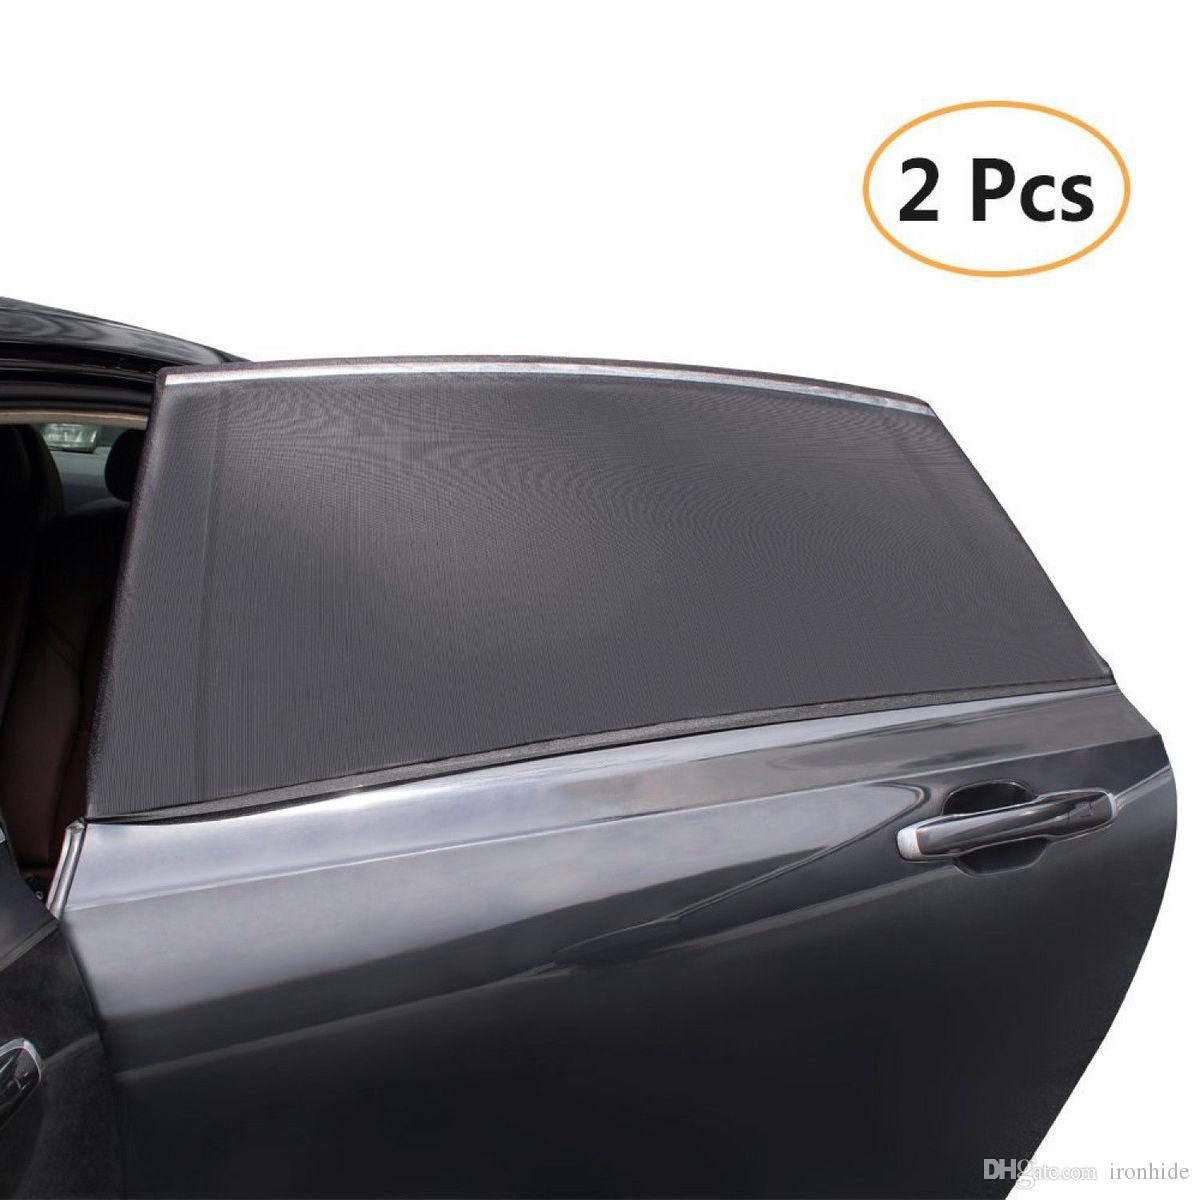 2 Unidades / pacote Car-Styling Car Sun Sombra Tampa Da Janela Sombrinha  Cortina de Proteção UV Escudo Visor De Malha De Poeira Malha de Janela Do